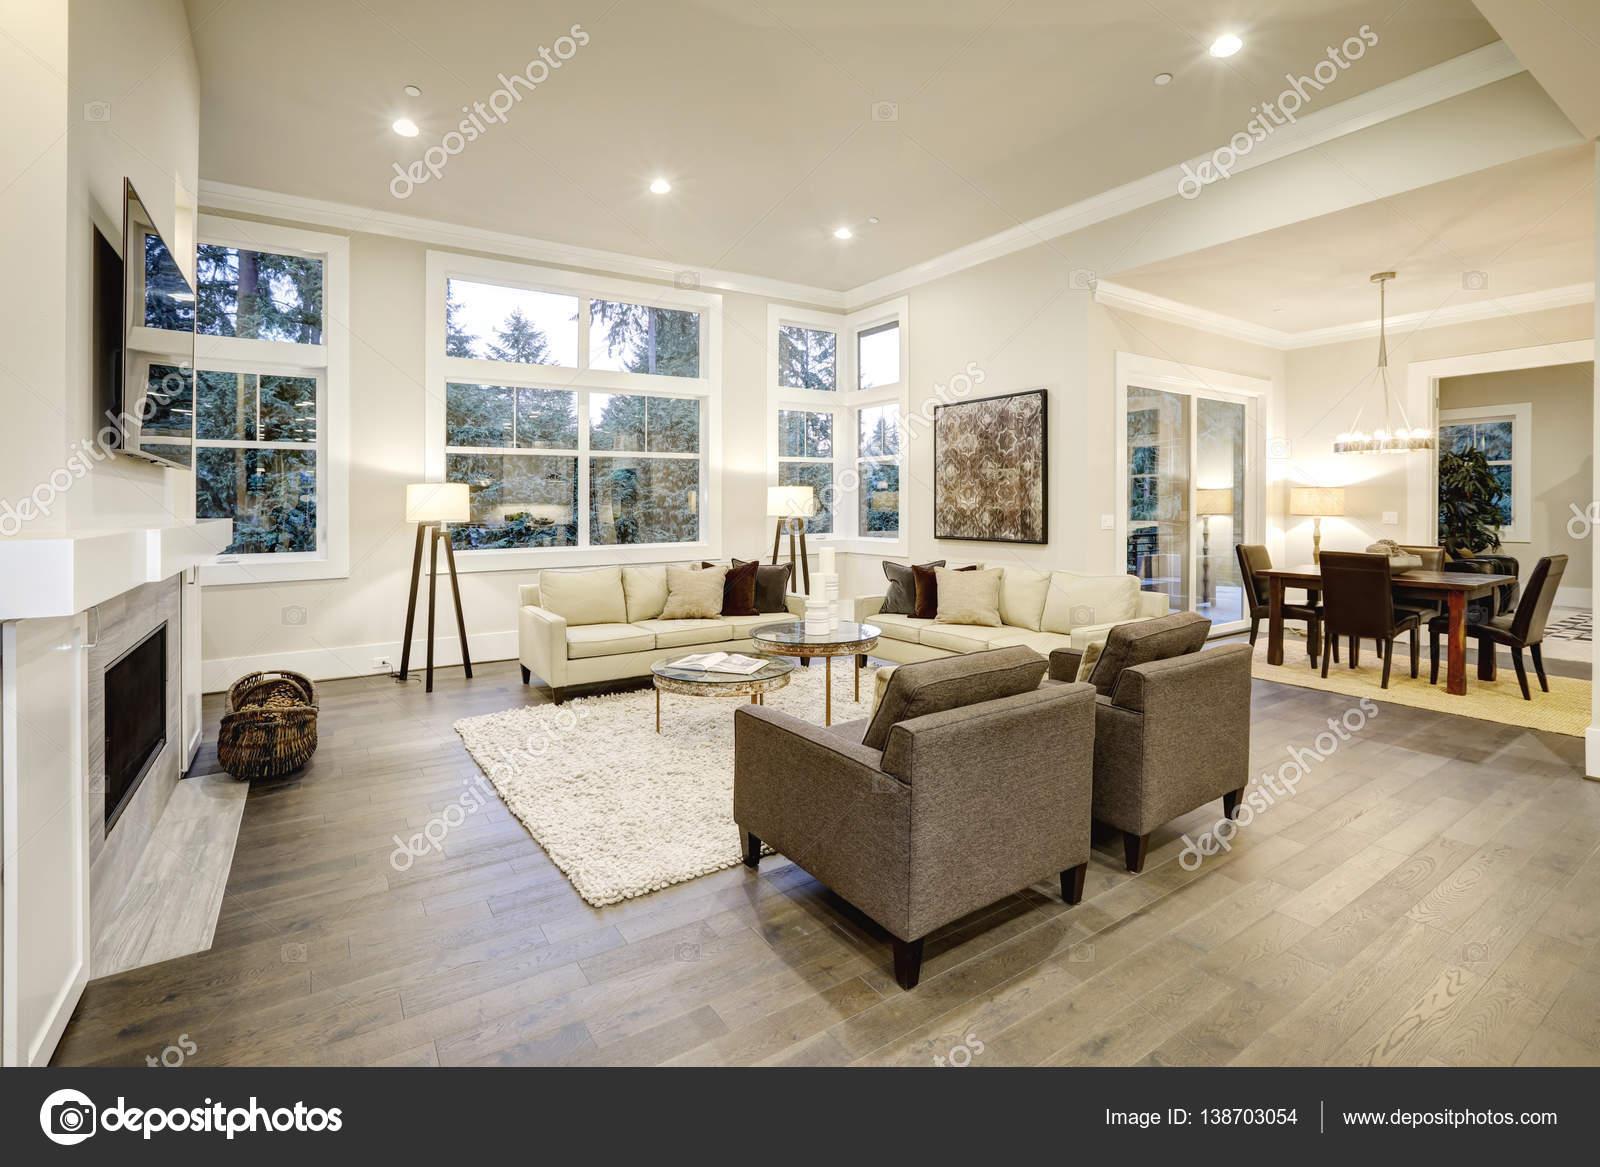 Chique lichte woonkamer design met donkere vloeren — Stockfoto ...